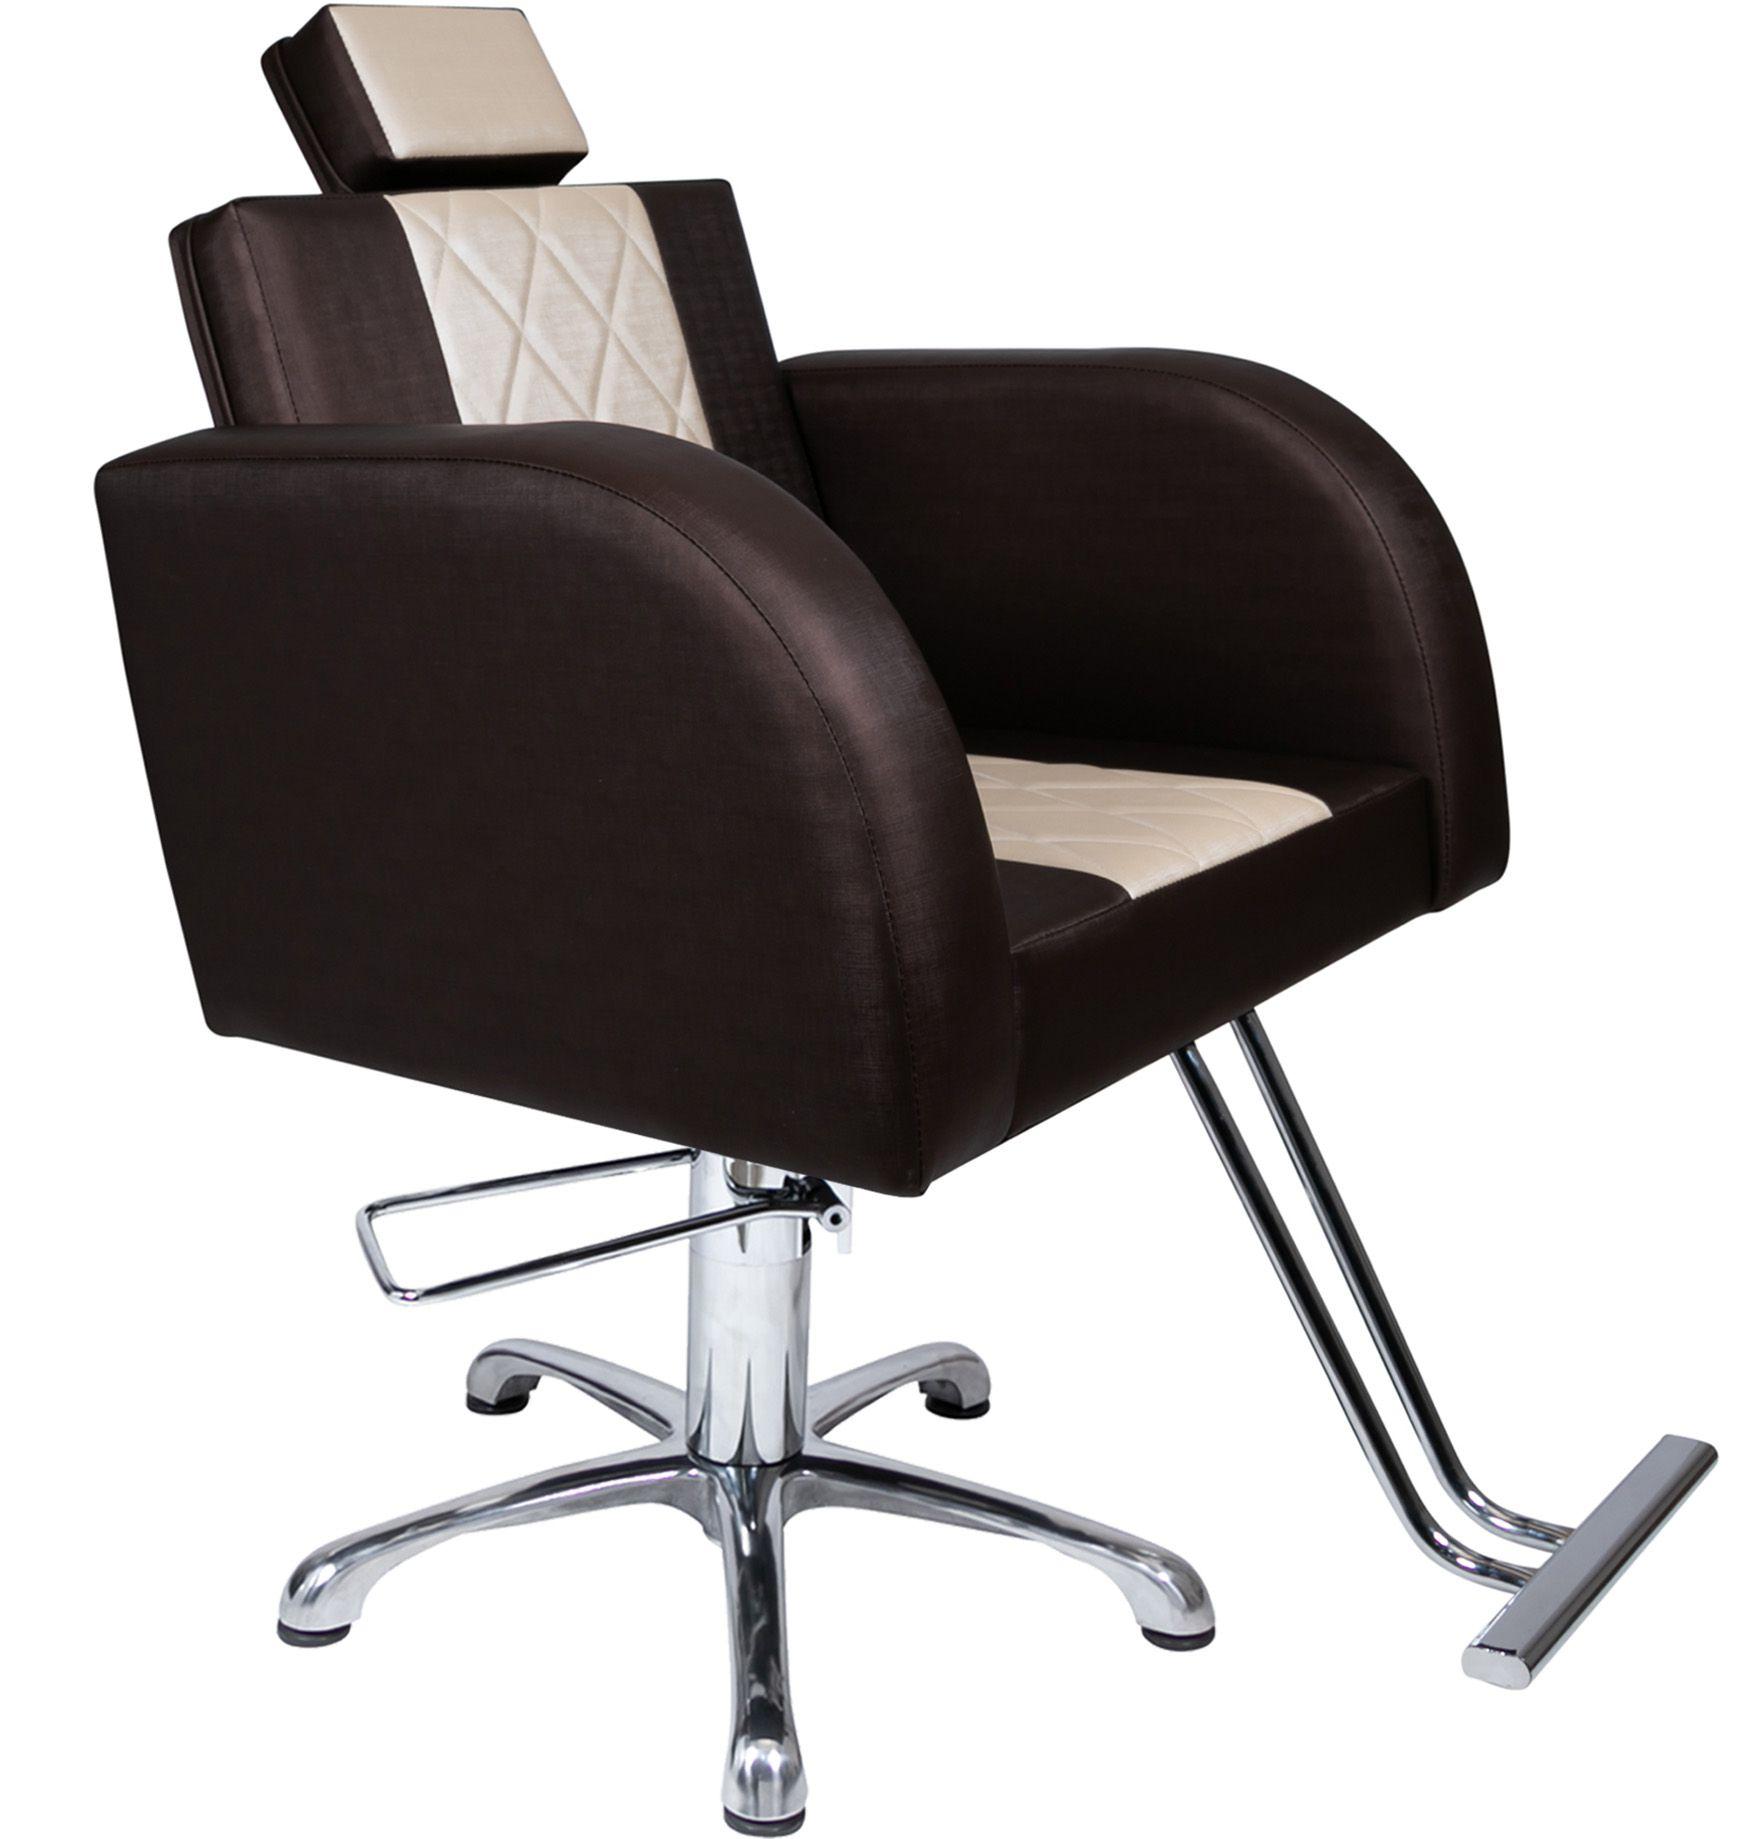 Lavatório Stilo Fibra Preto Bege/Marrom + 2 Cadeiras Stilo Fixa